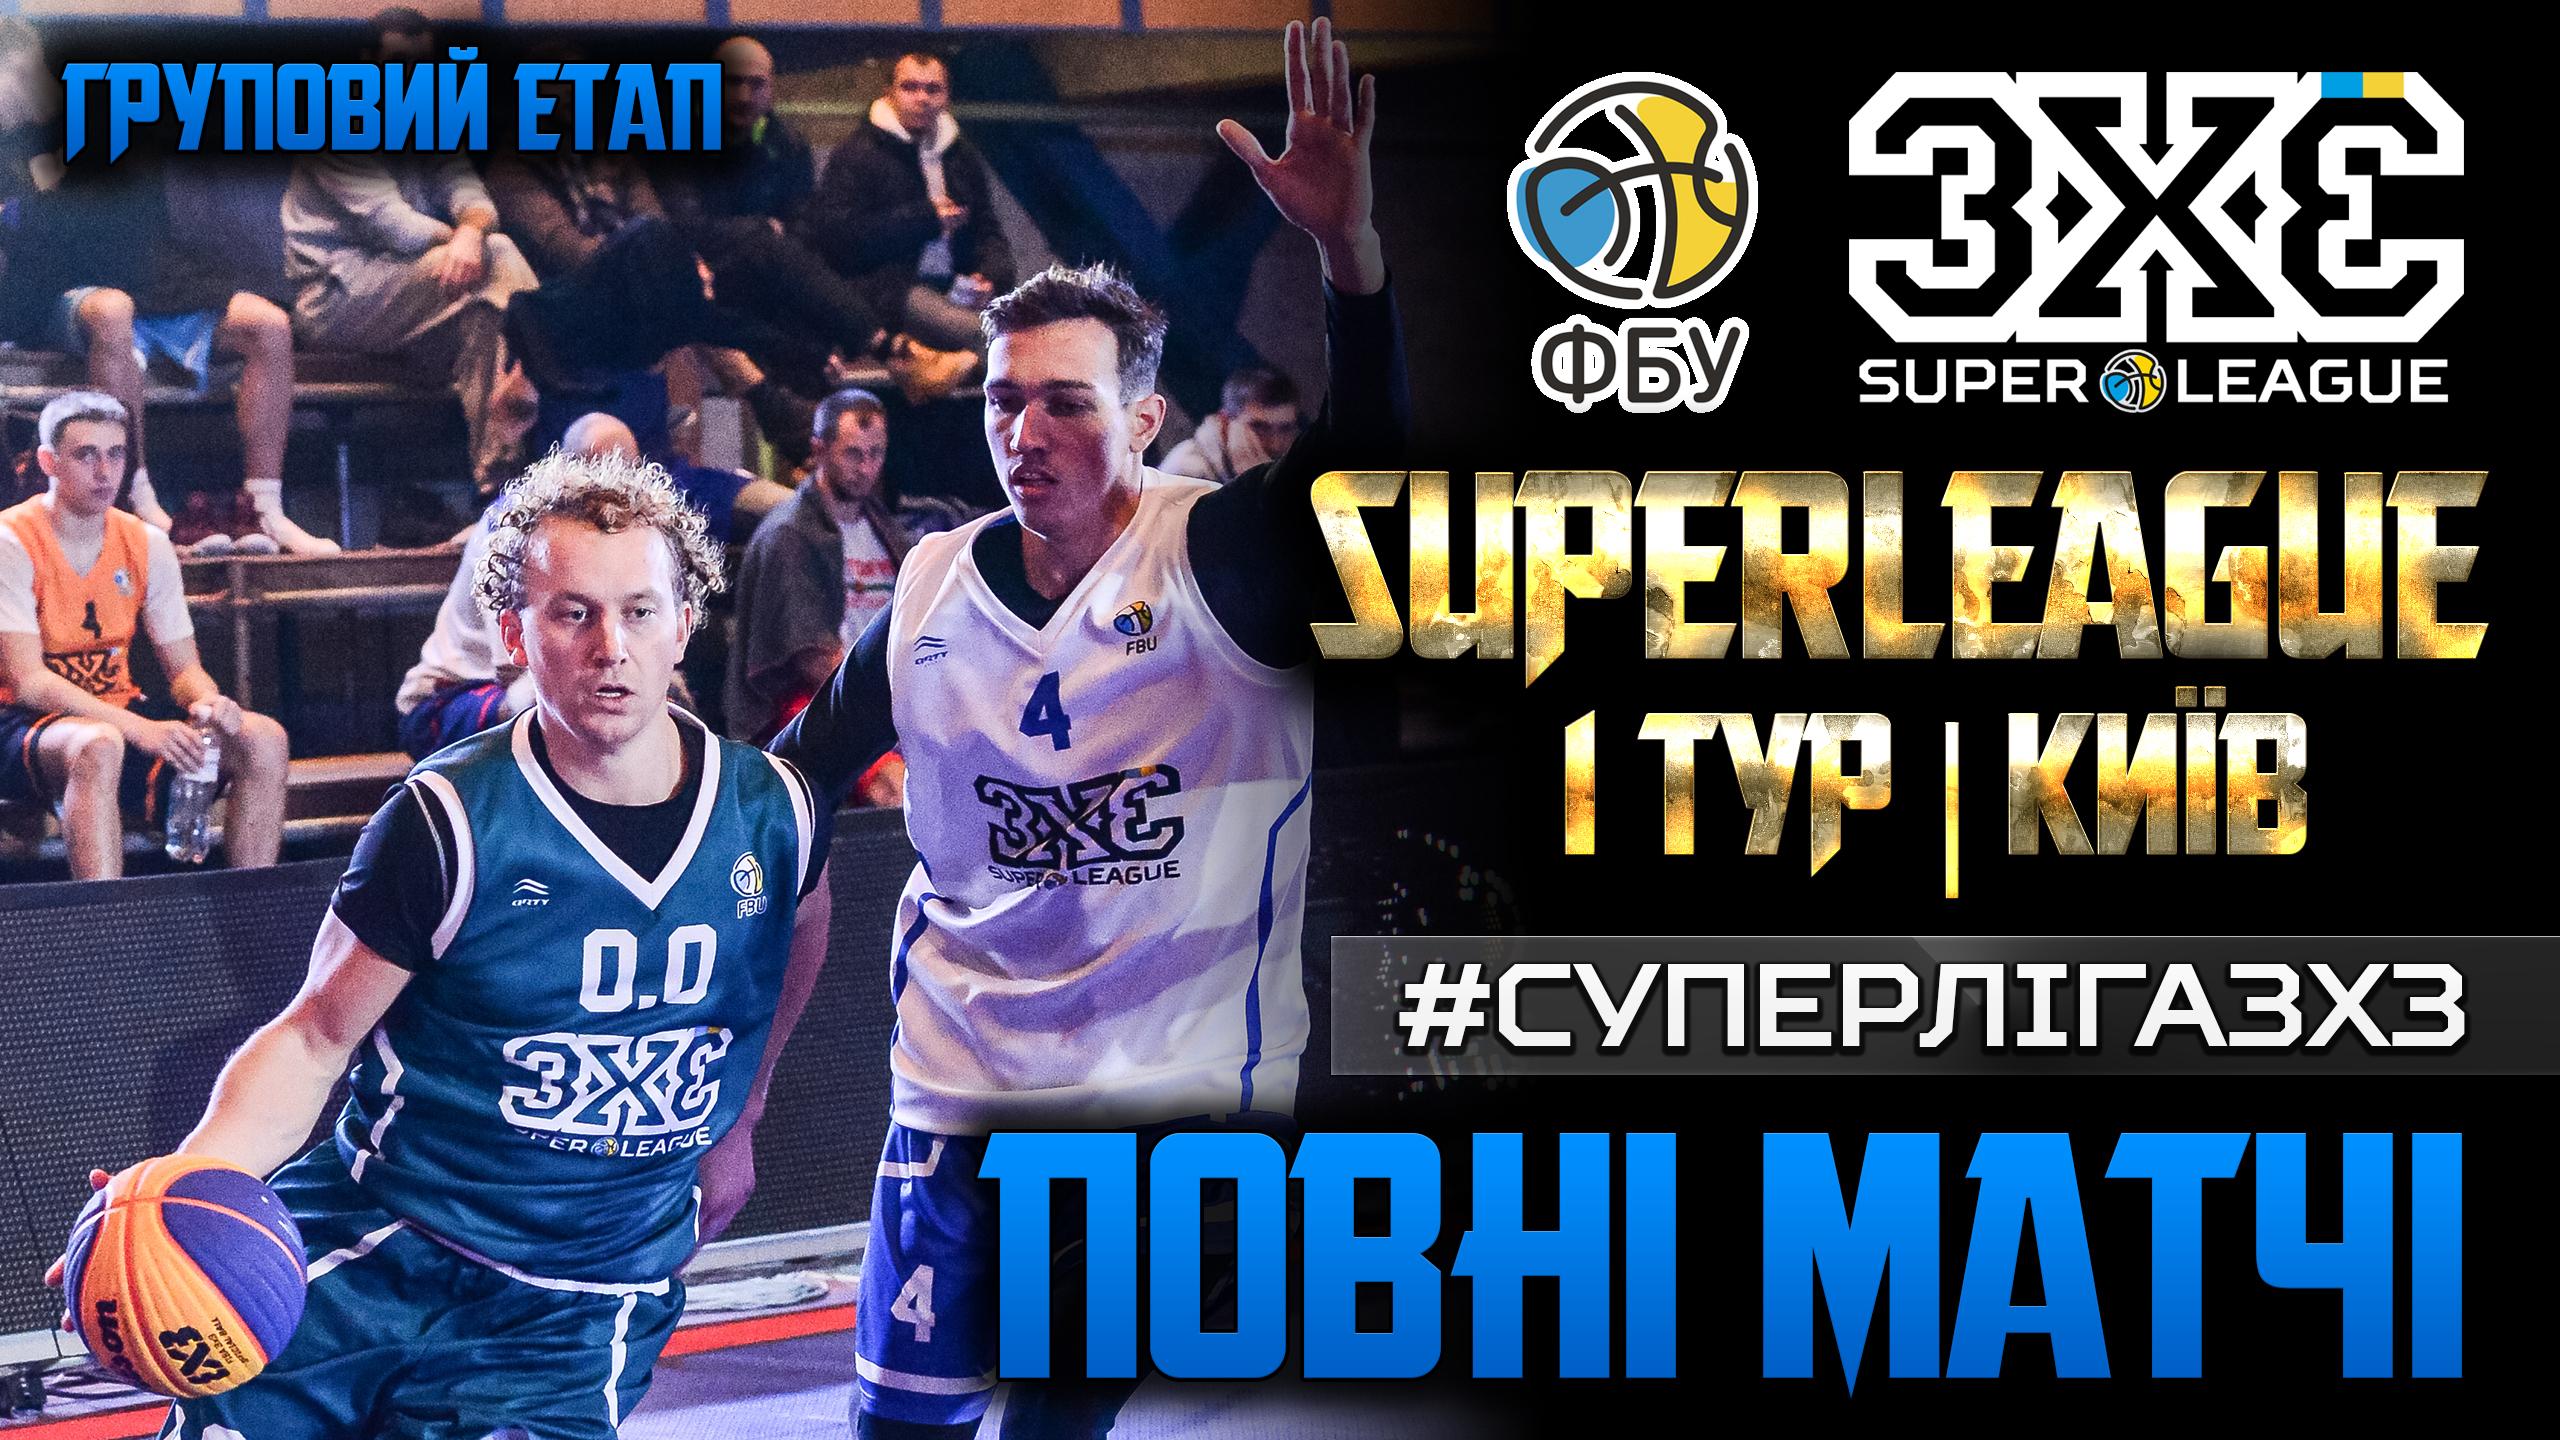 Суперліга 3х3: відео матчів групового етапу першого туру